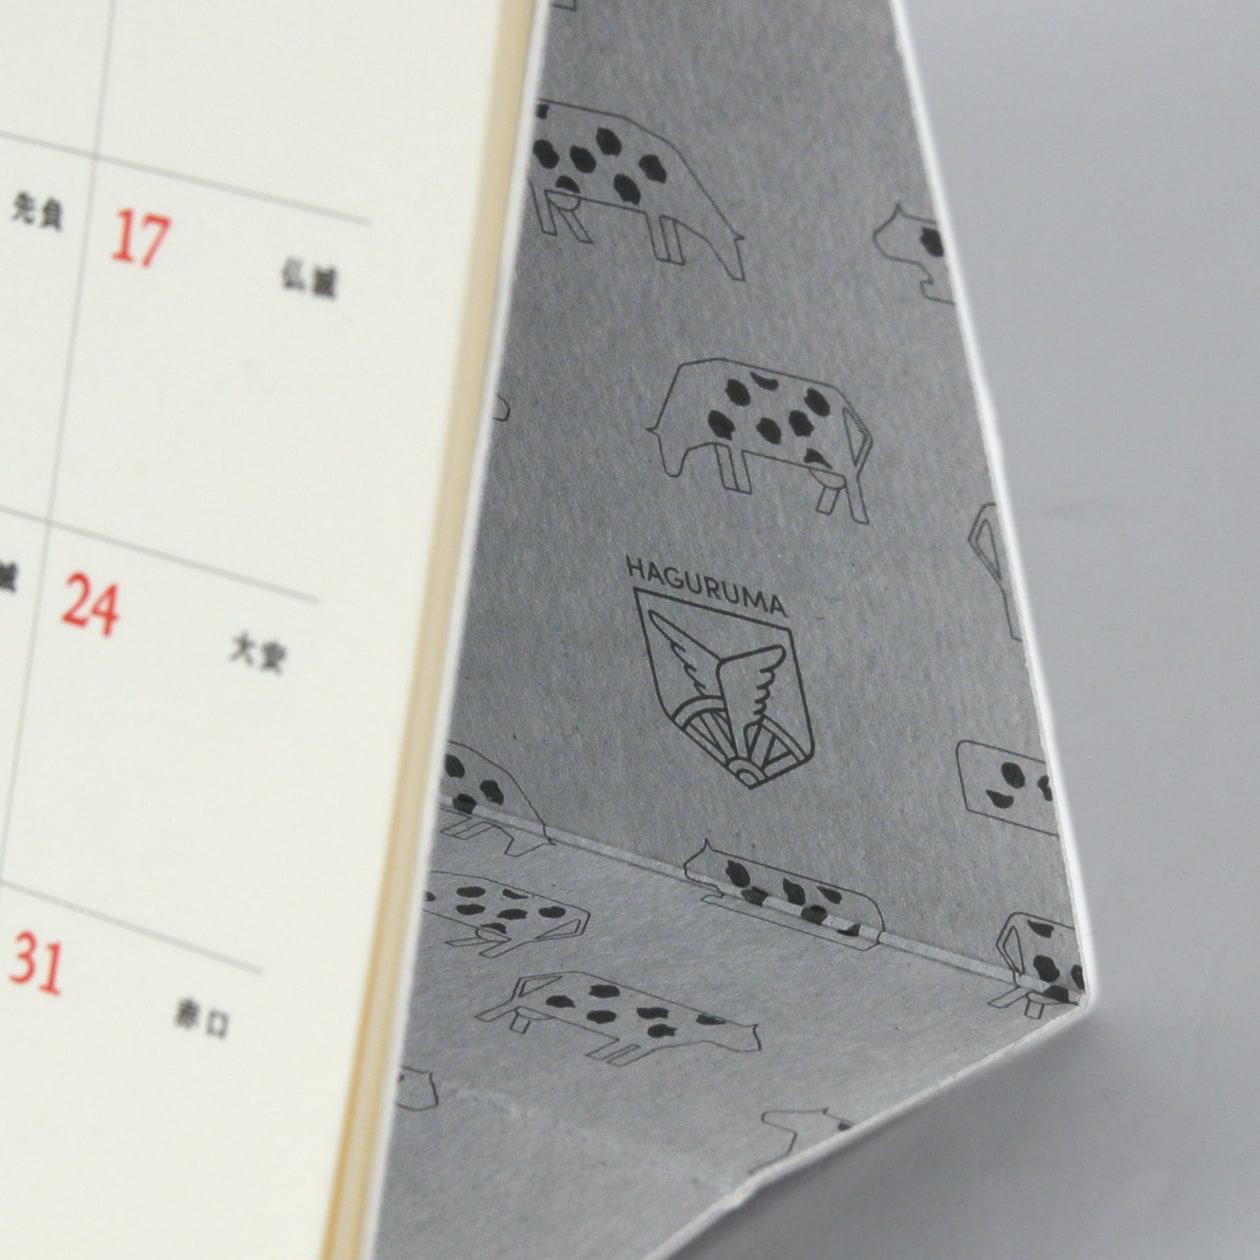 2021年版 卓上カレンダー(羽車ロゴ入りデザイン)